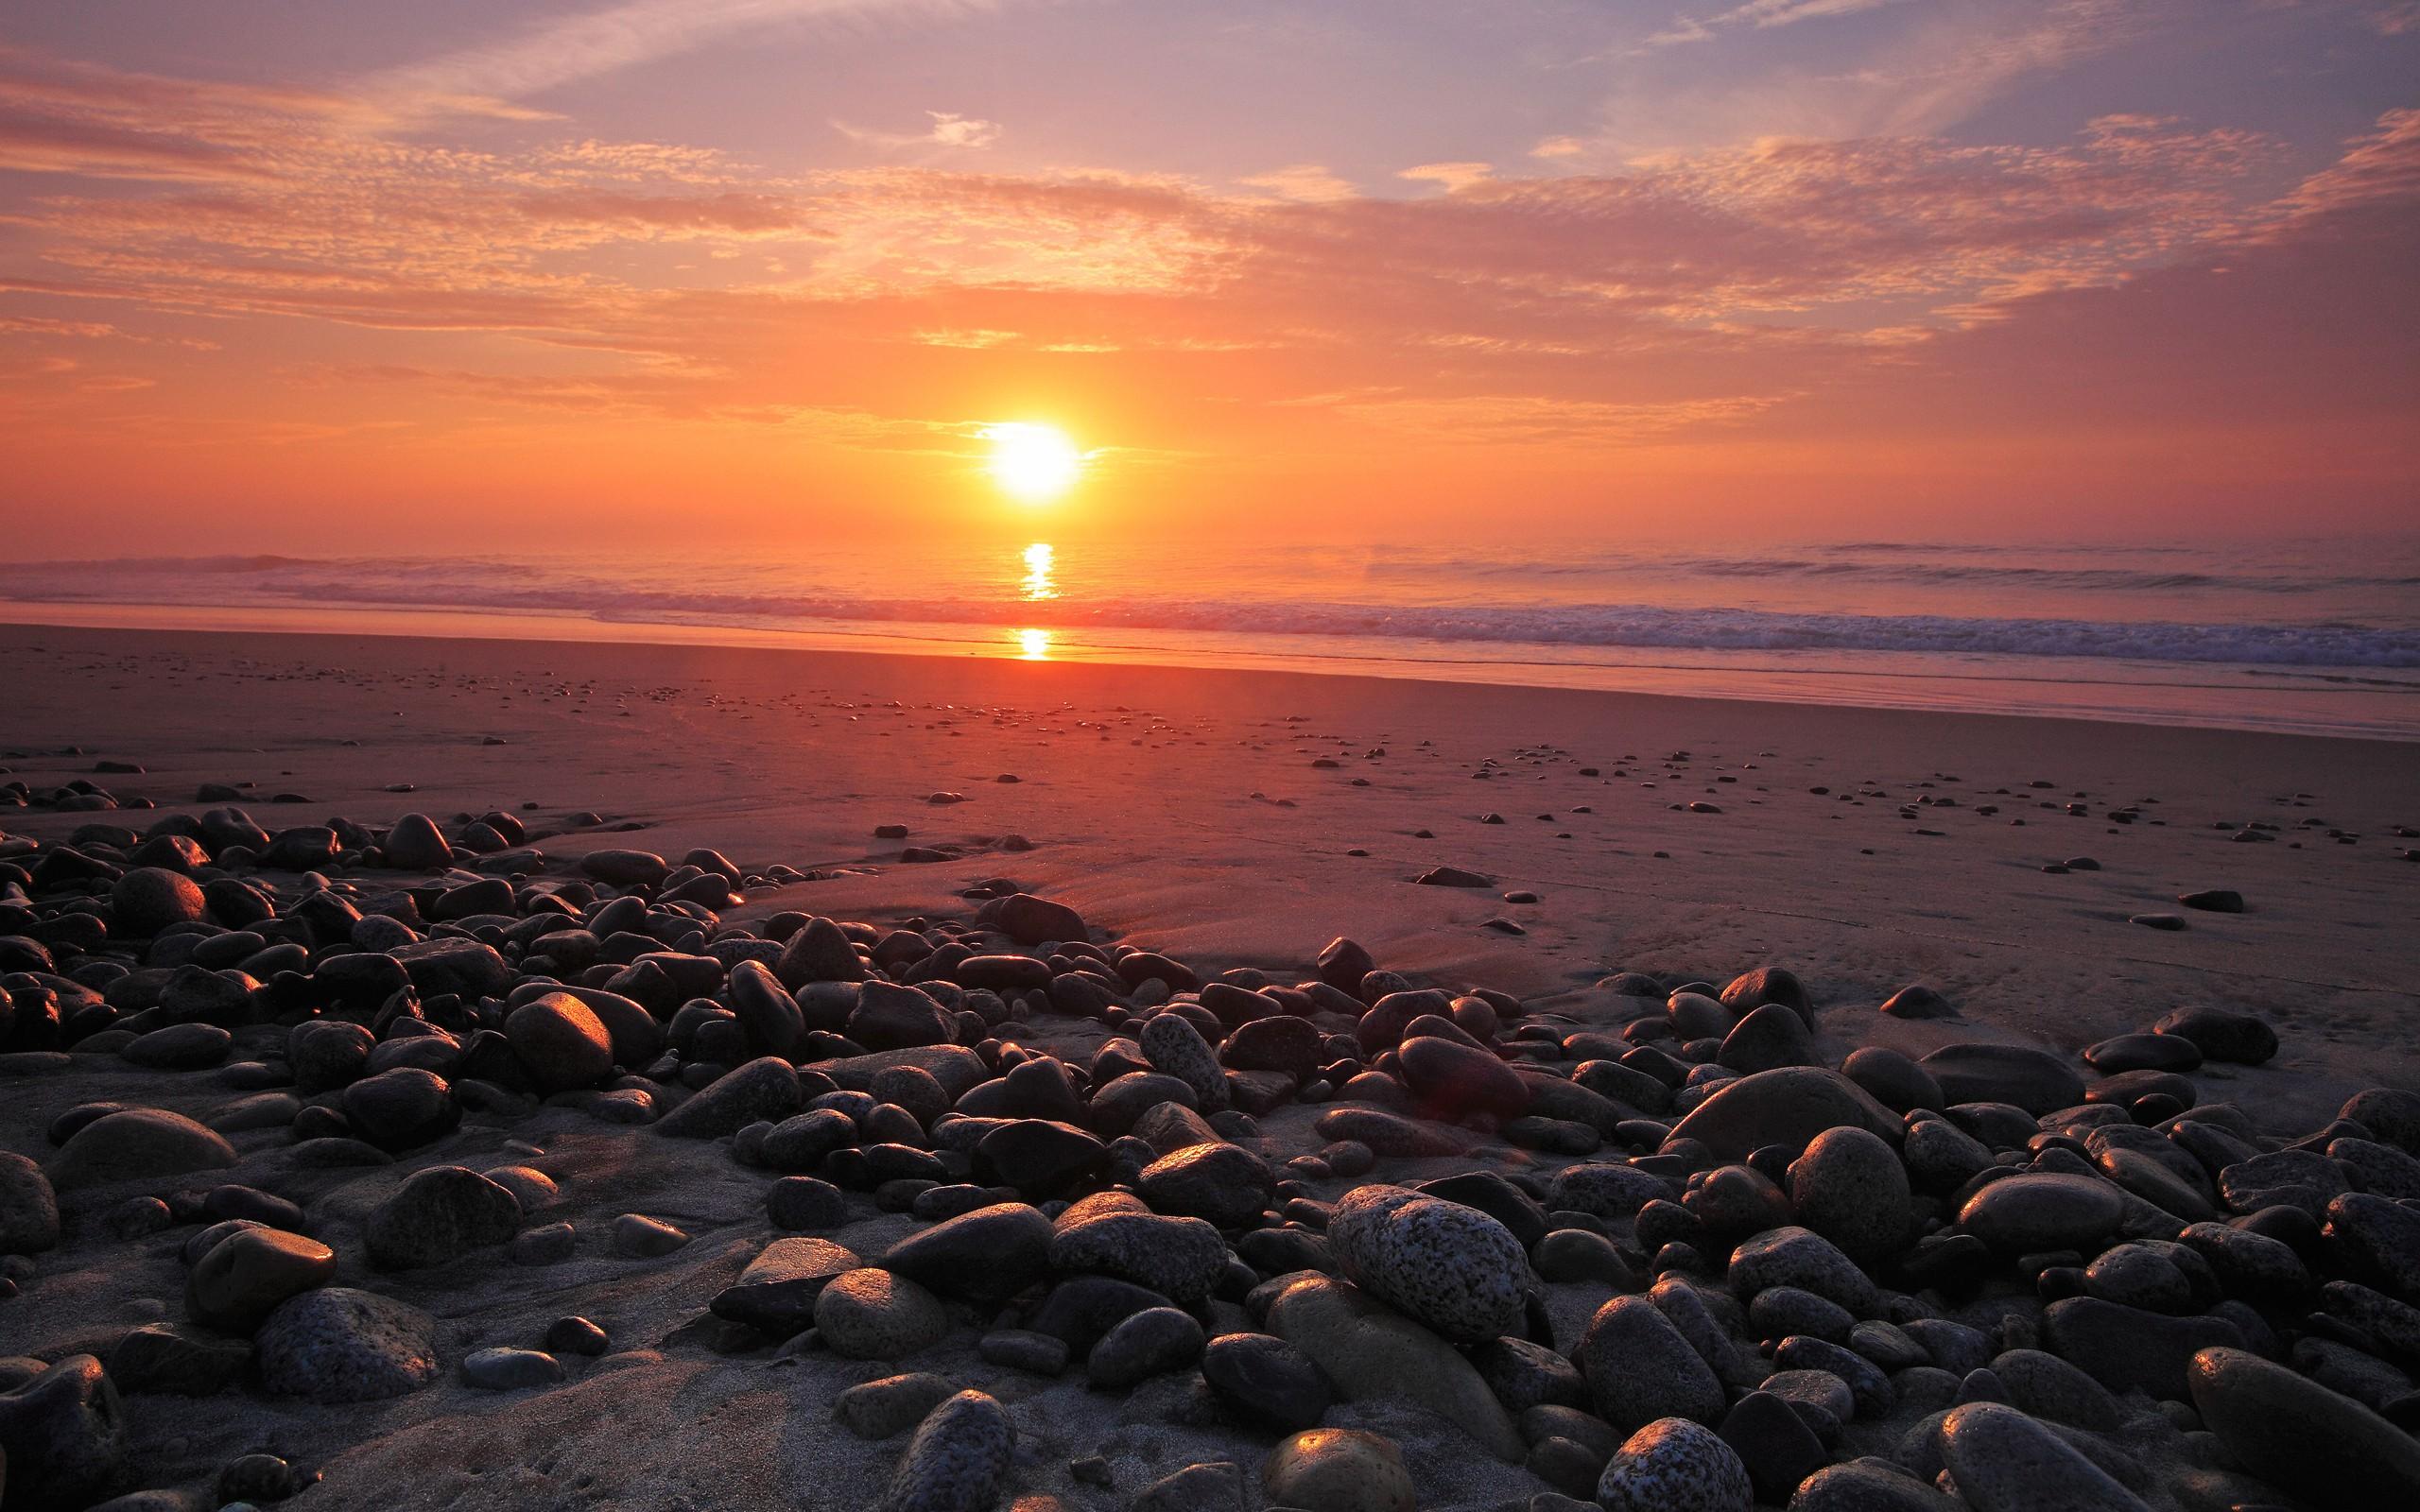 Rocas en una playa al atardecer - 2560x1600